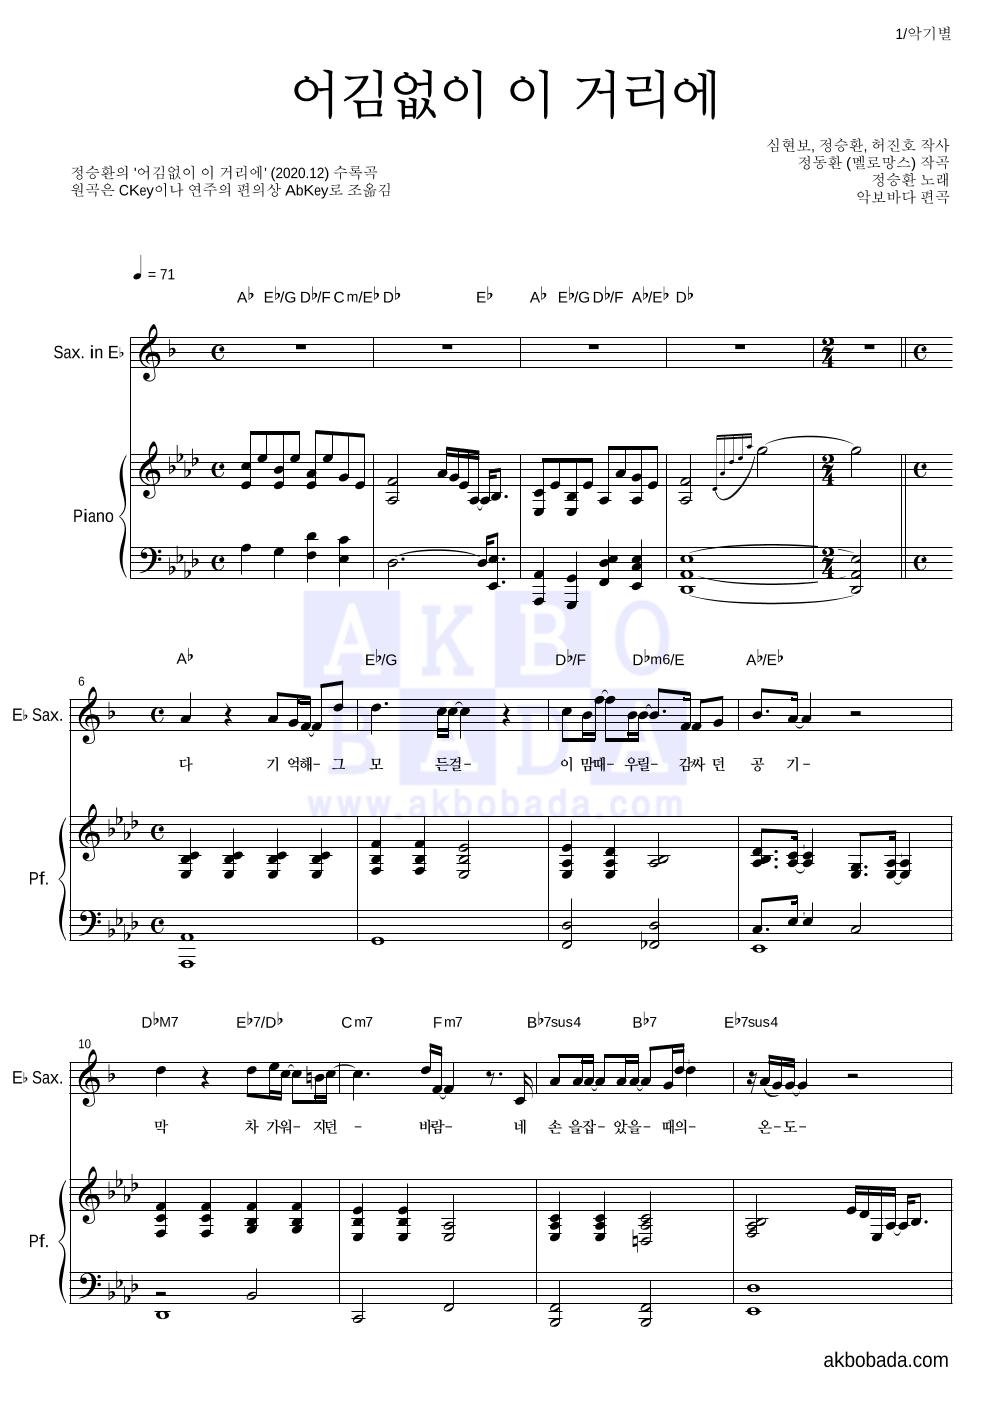 정승환 - 어김없이 이 거리에 Eb색소폰&피아노 악보